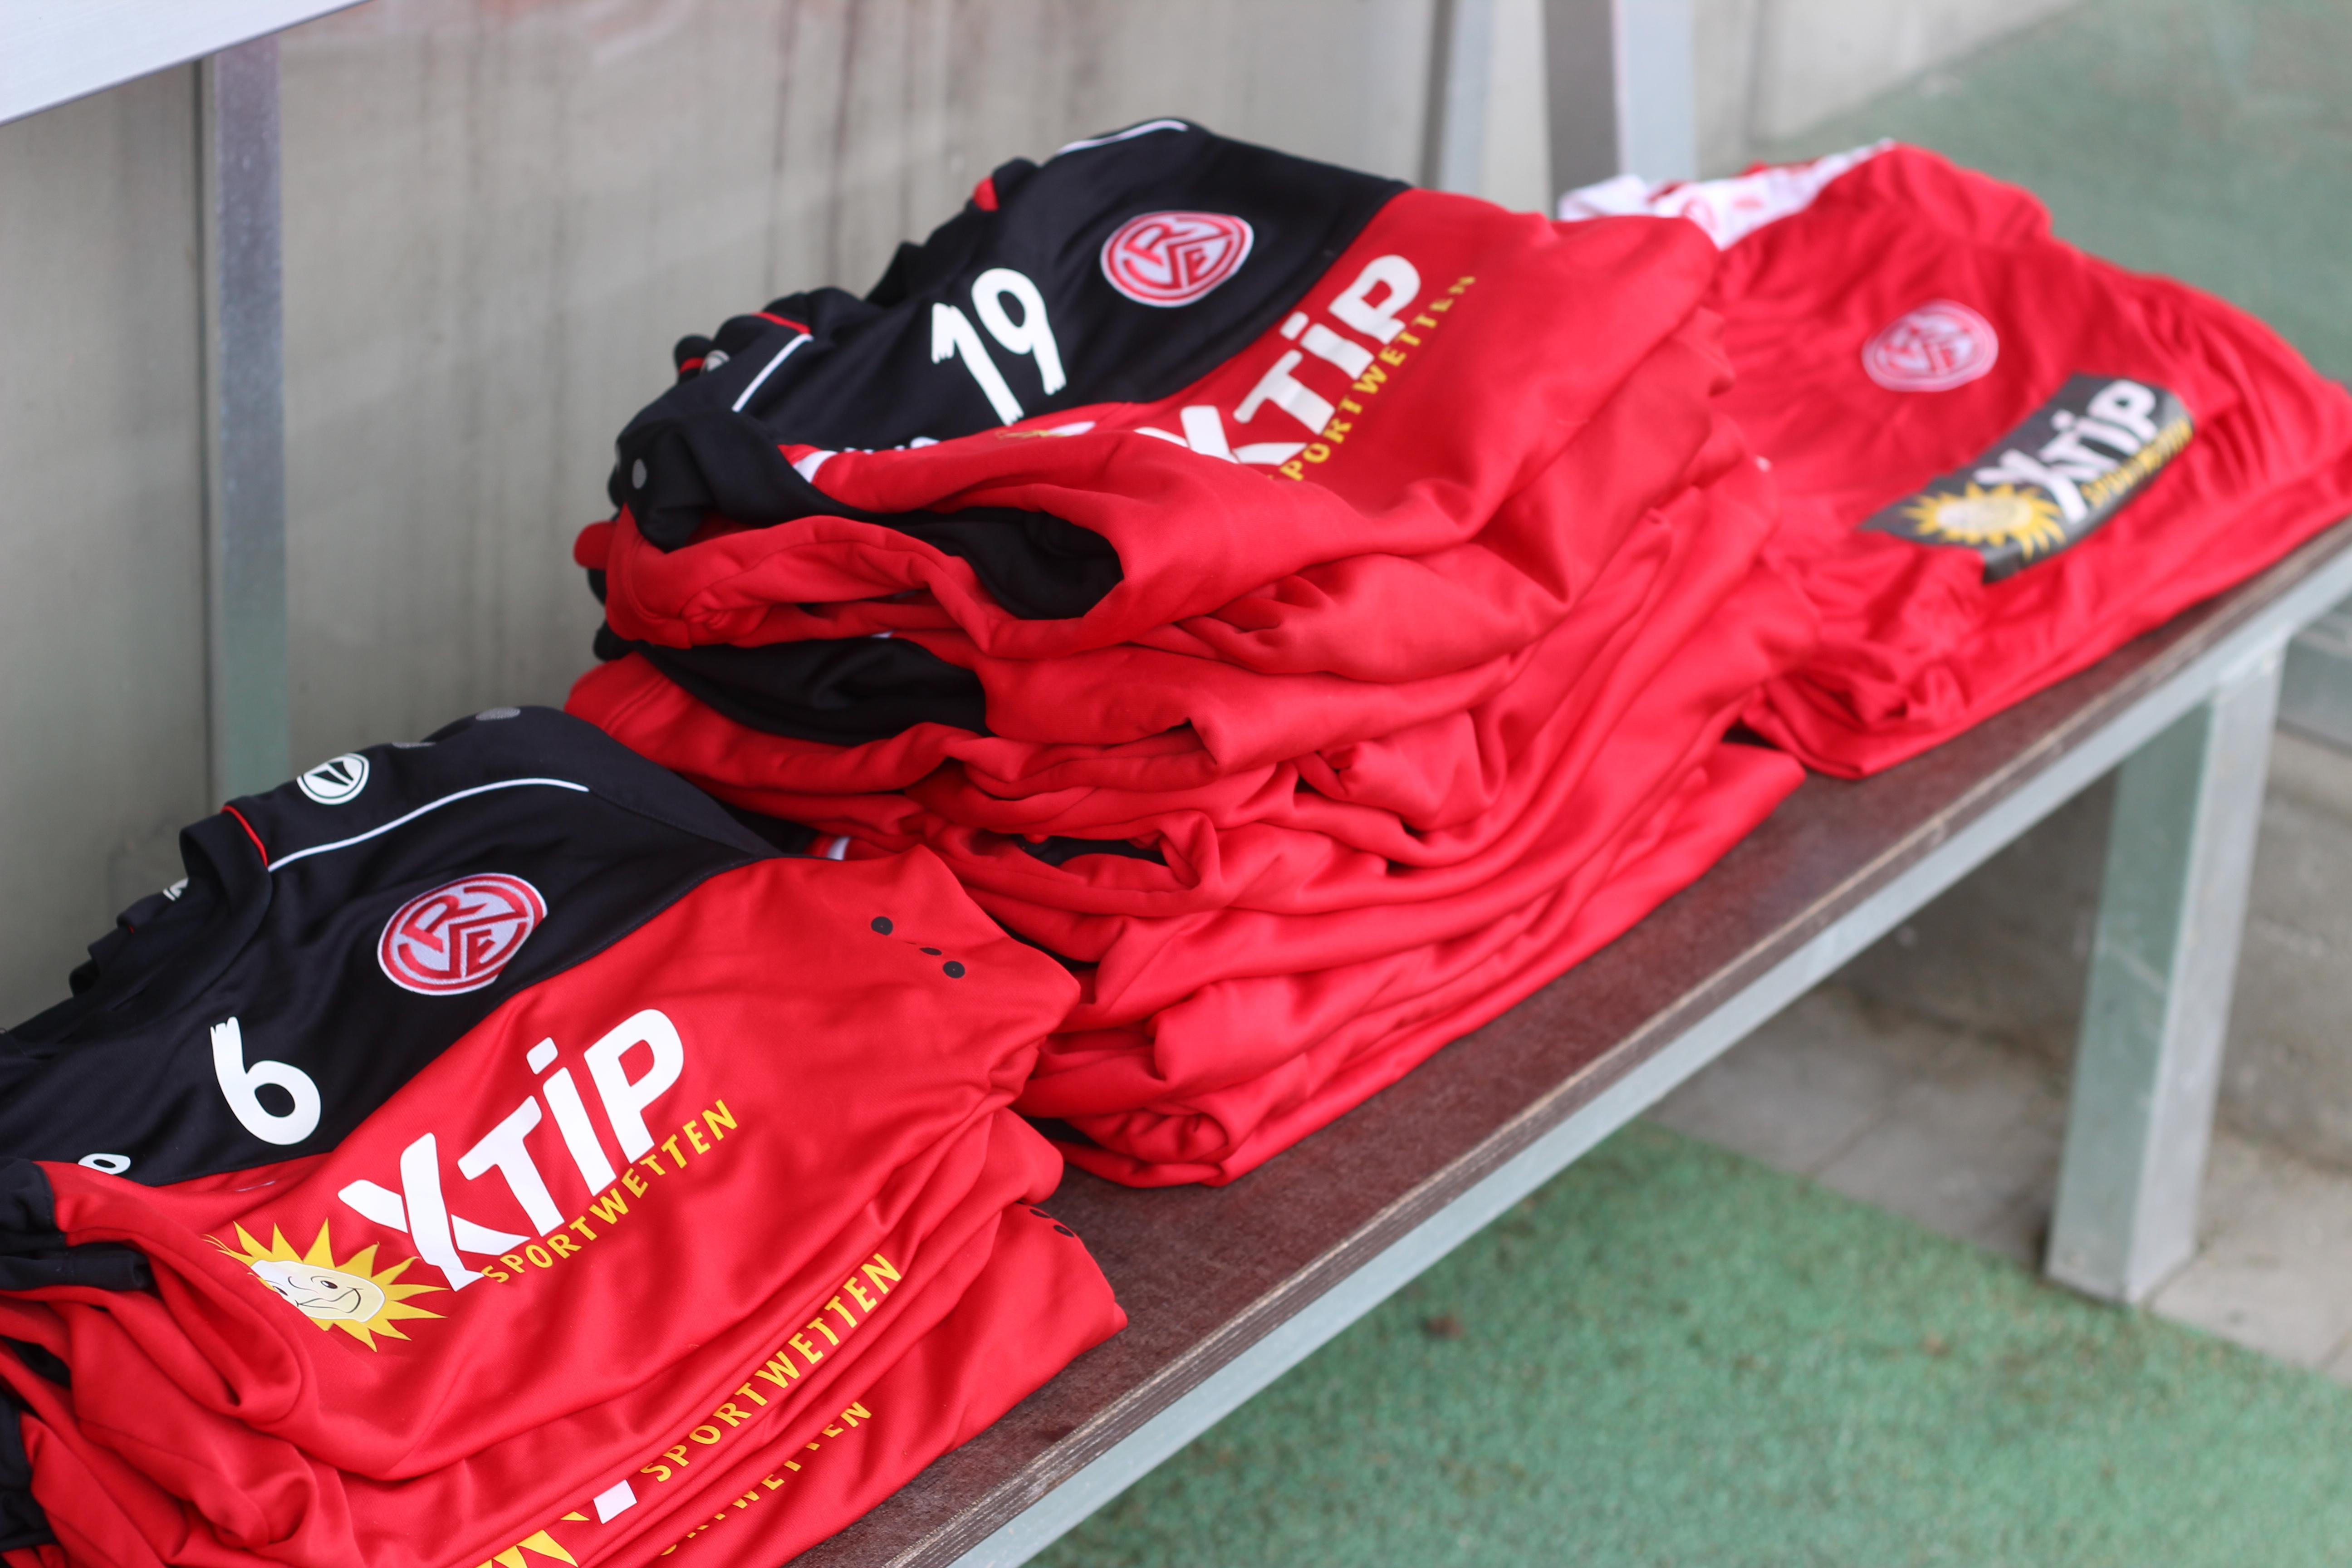 Ab heute können RWE-Fans eine Trainingsaurüstung für ihre Hobbymannschaft ersteigern.